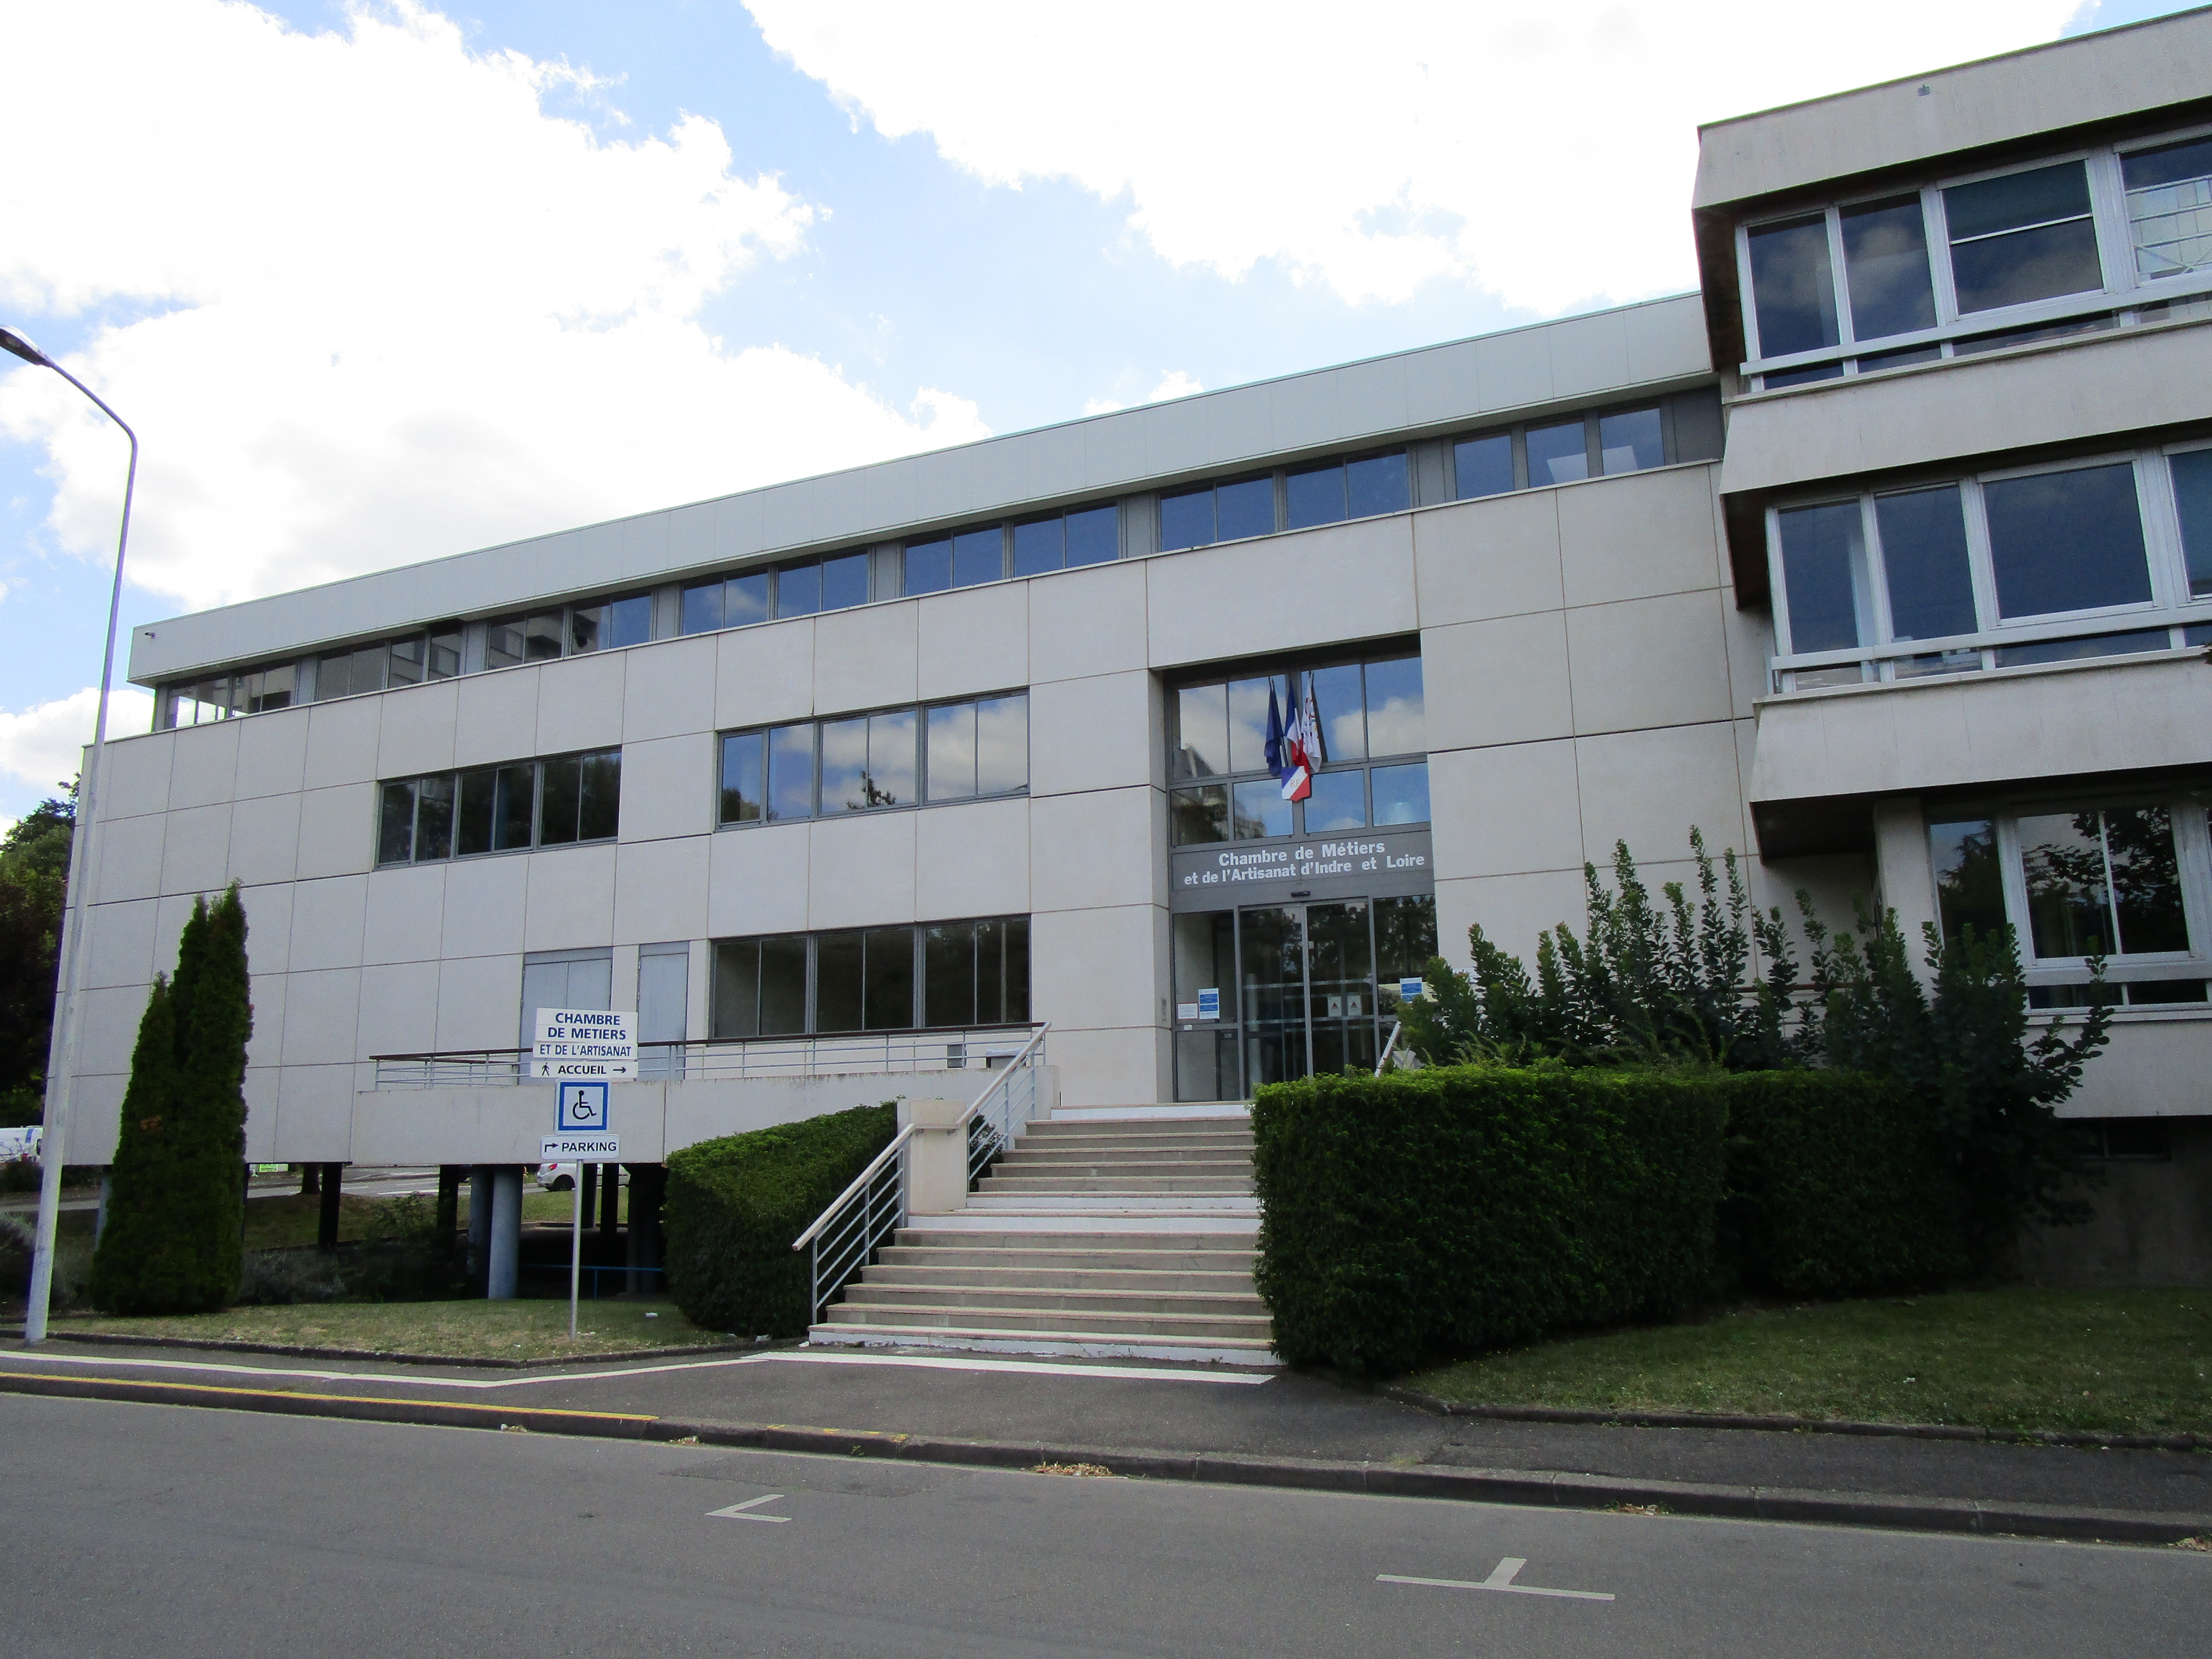 Chambre De Métiers Et De L'artisanat — Wikipédia intérieur Chambre Des Métiers D Alsace